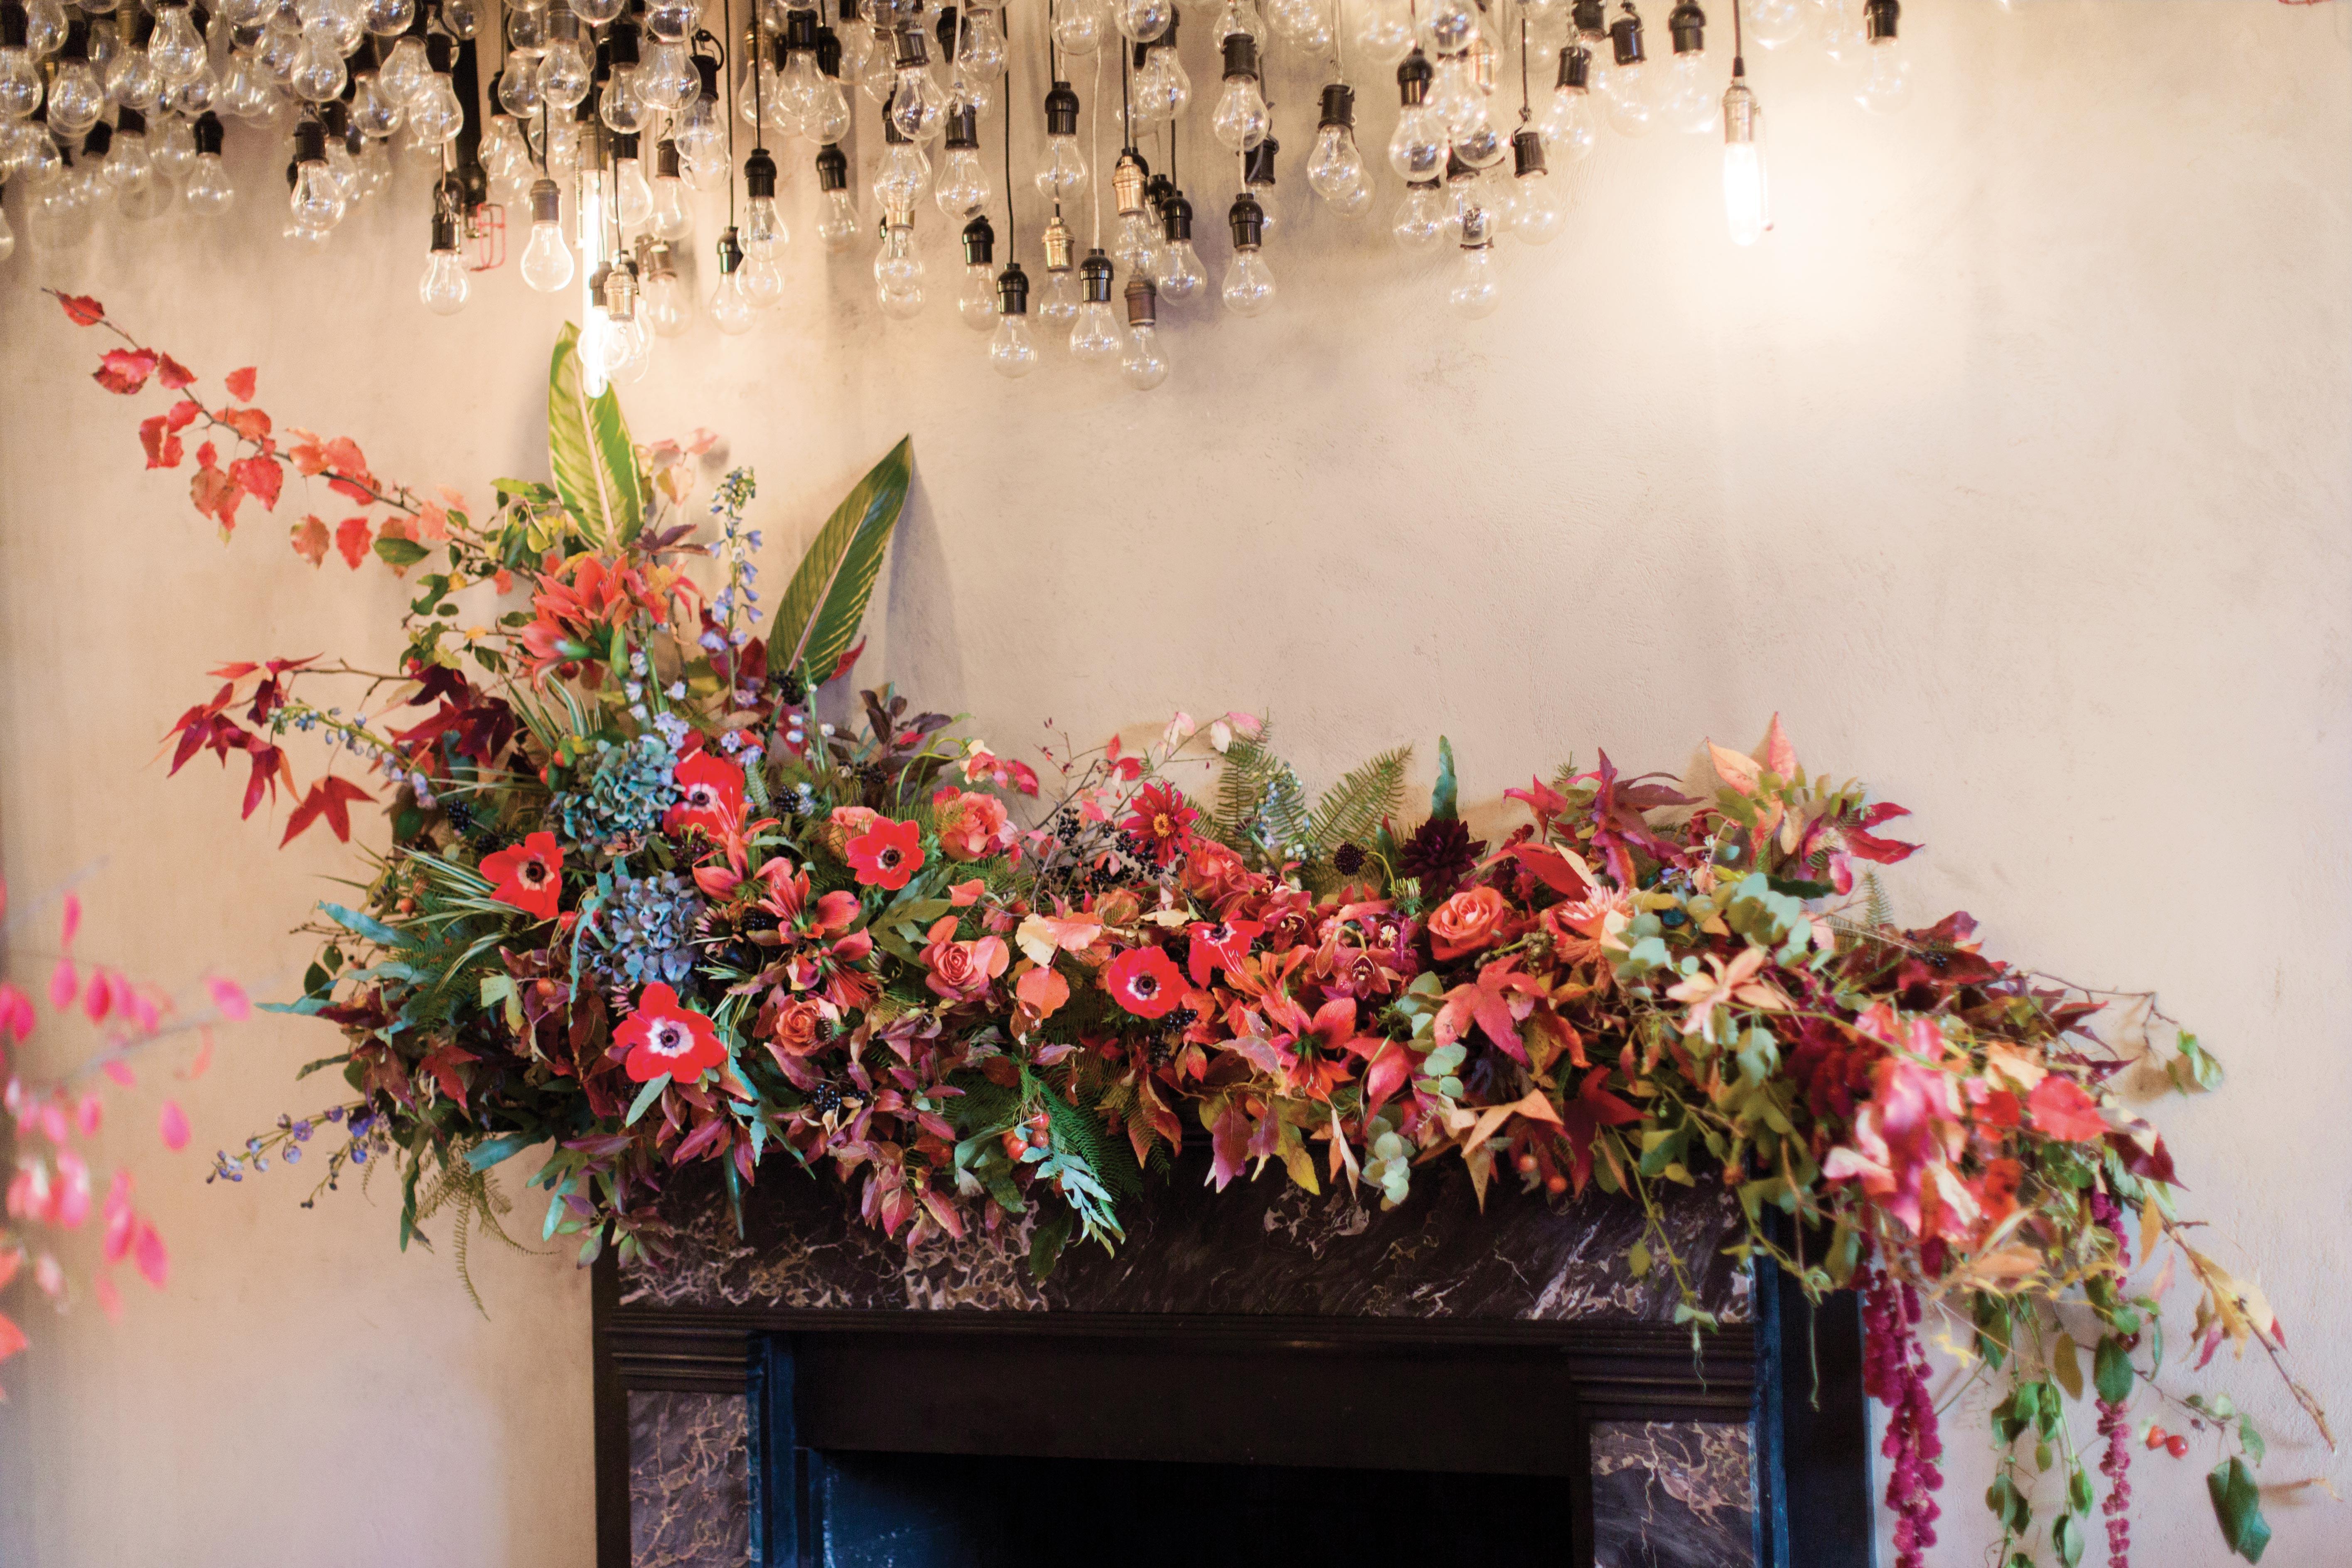 glara matthew wedding mantel floral arrangement